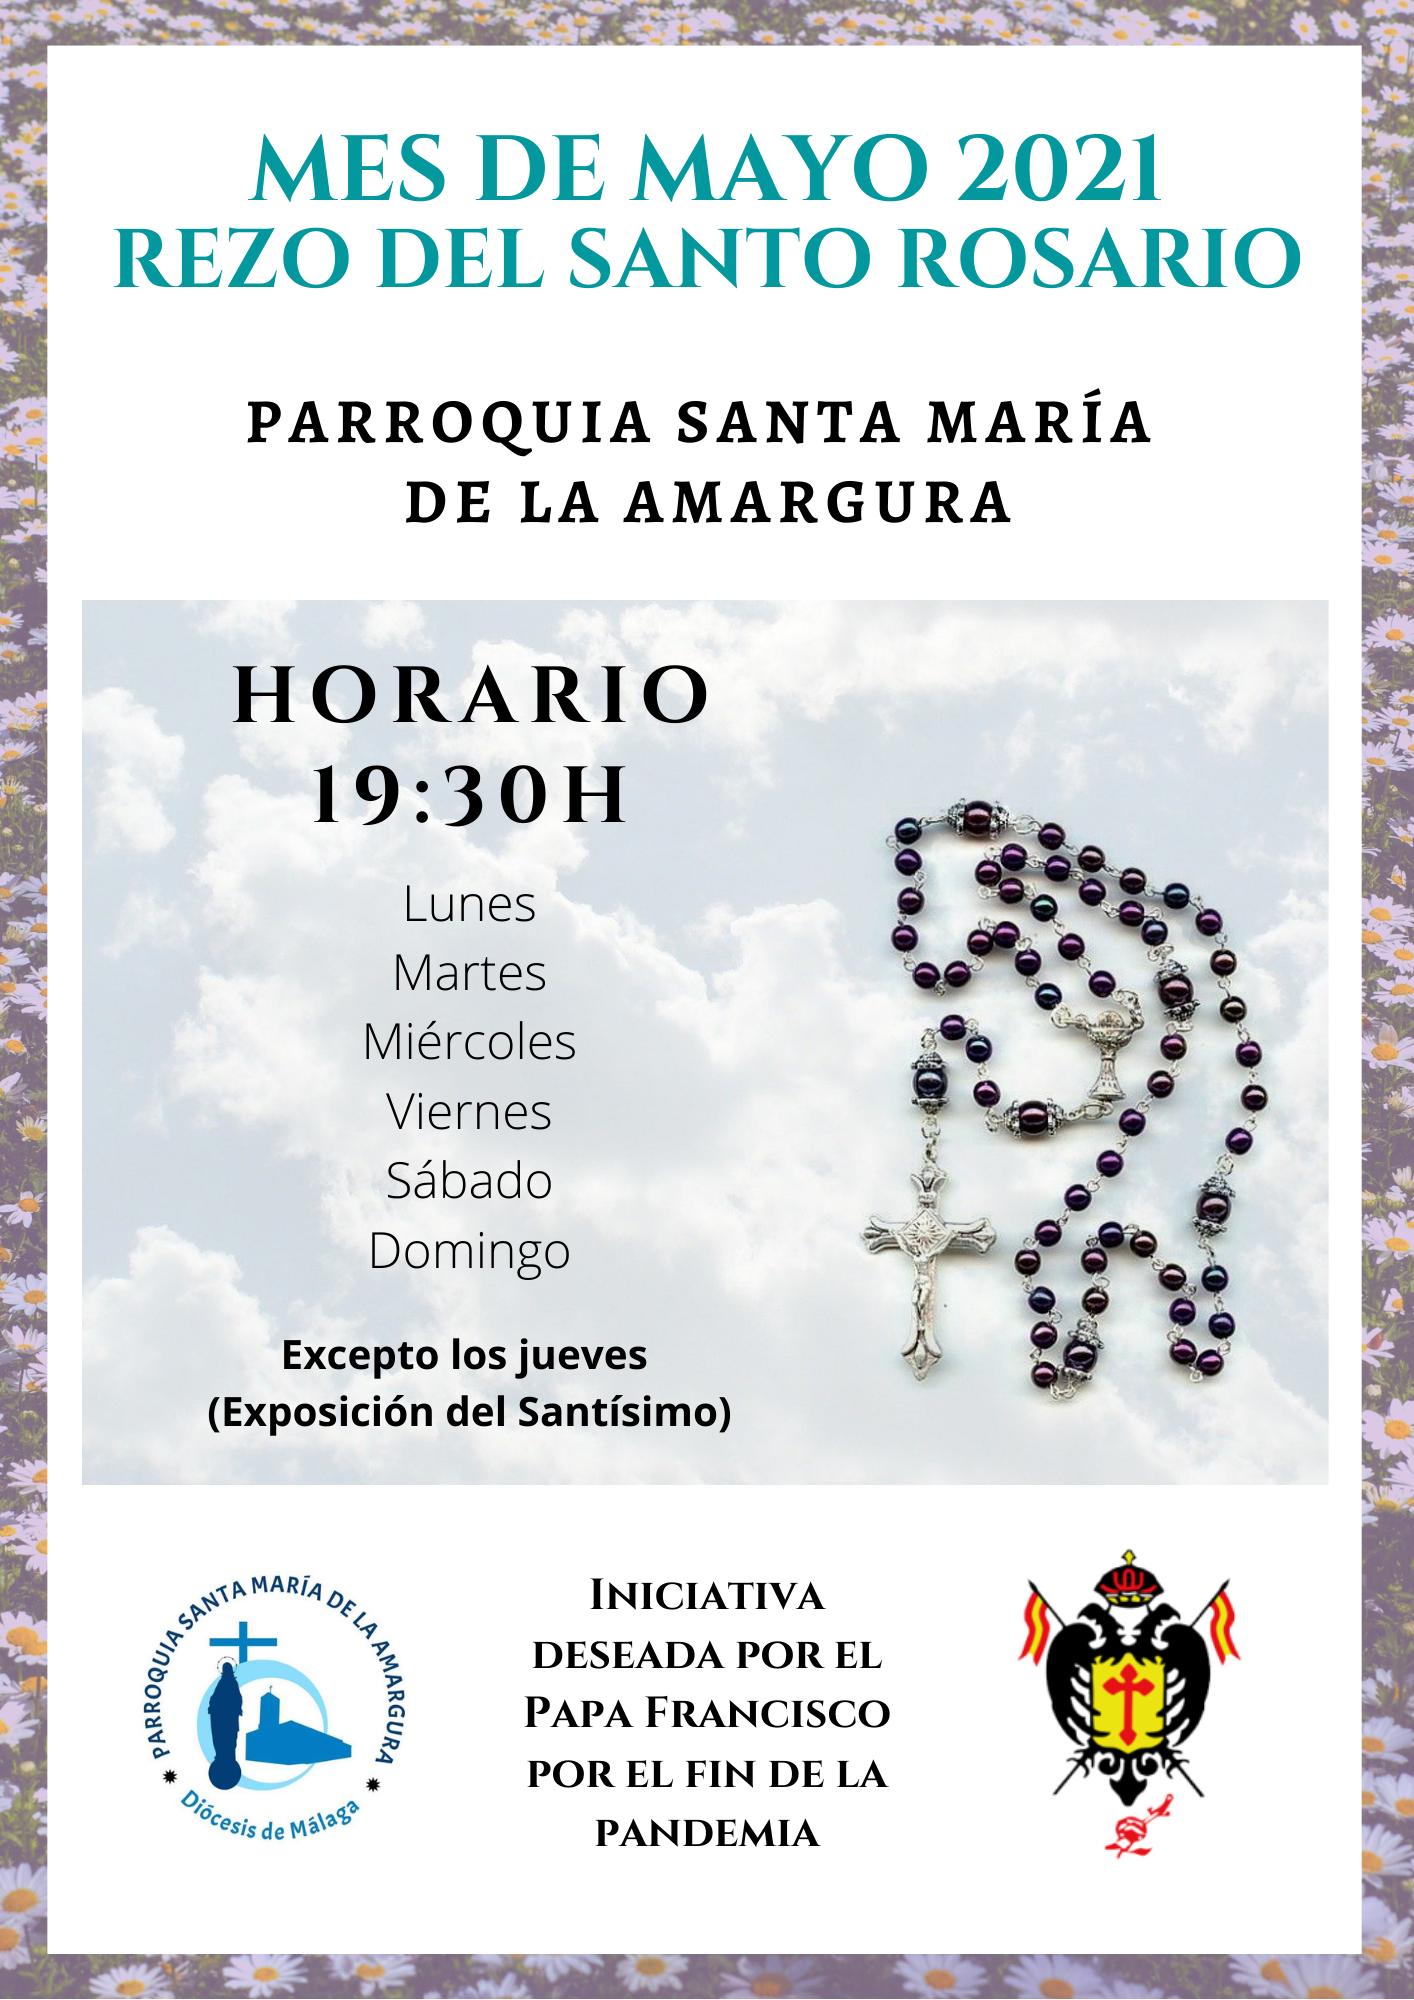 REZO DEL SANTO ROSARIO DURANTE EL MES DE MAYO EN LA PARROQUIA